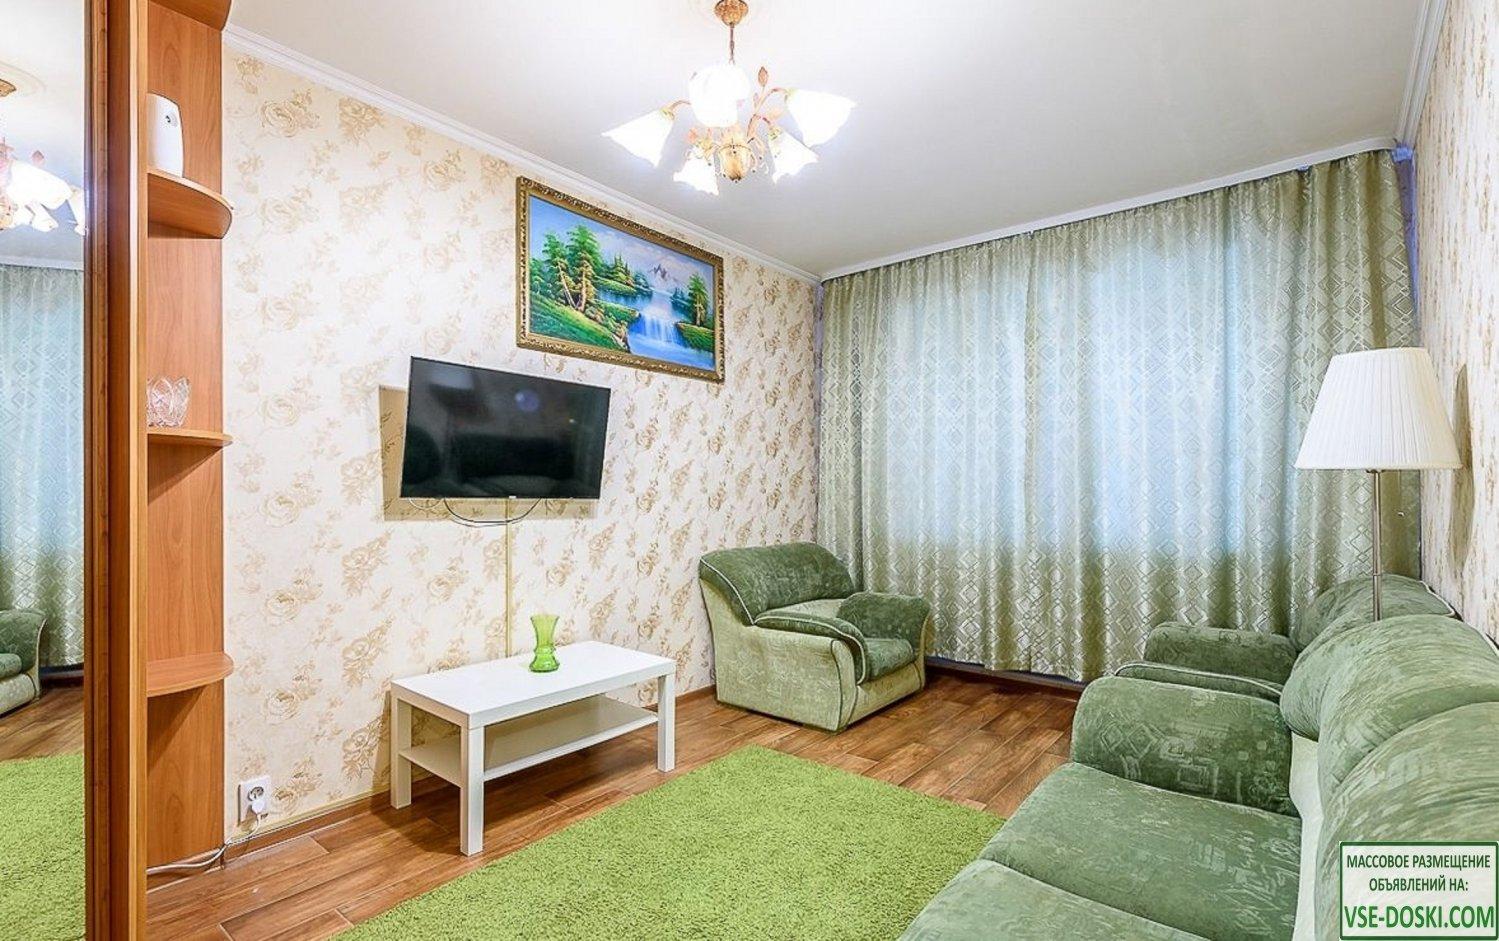 Сдаётся двухкомнатная квартира в Тоншалово